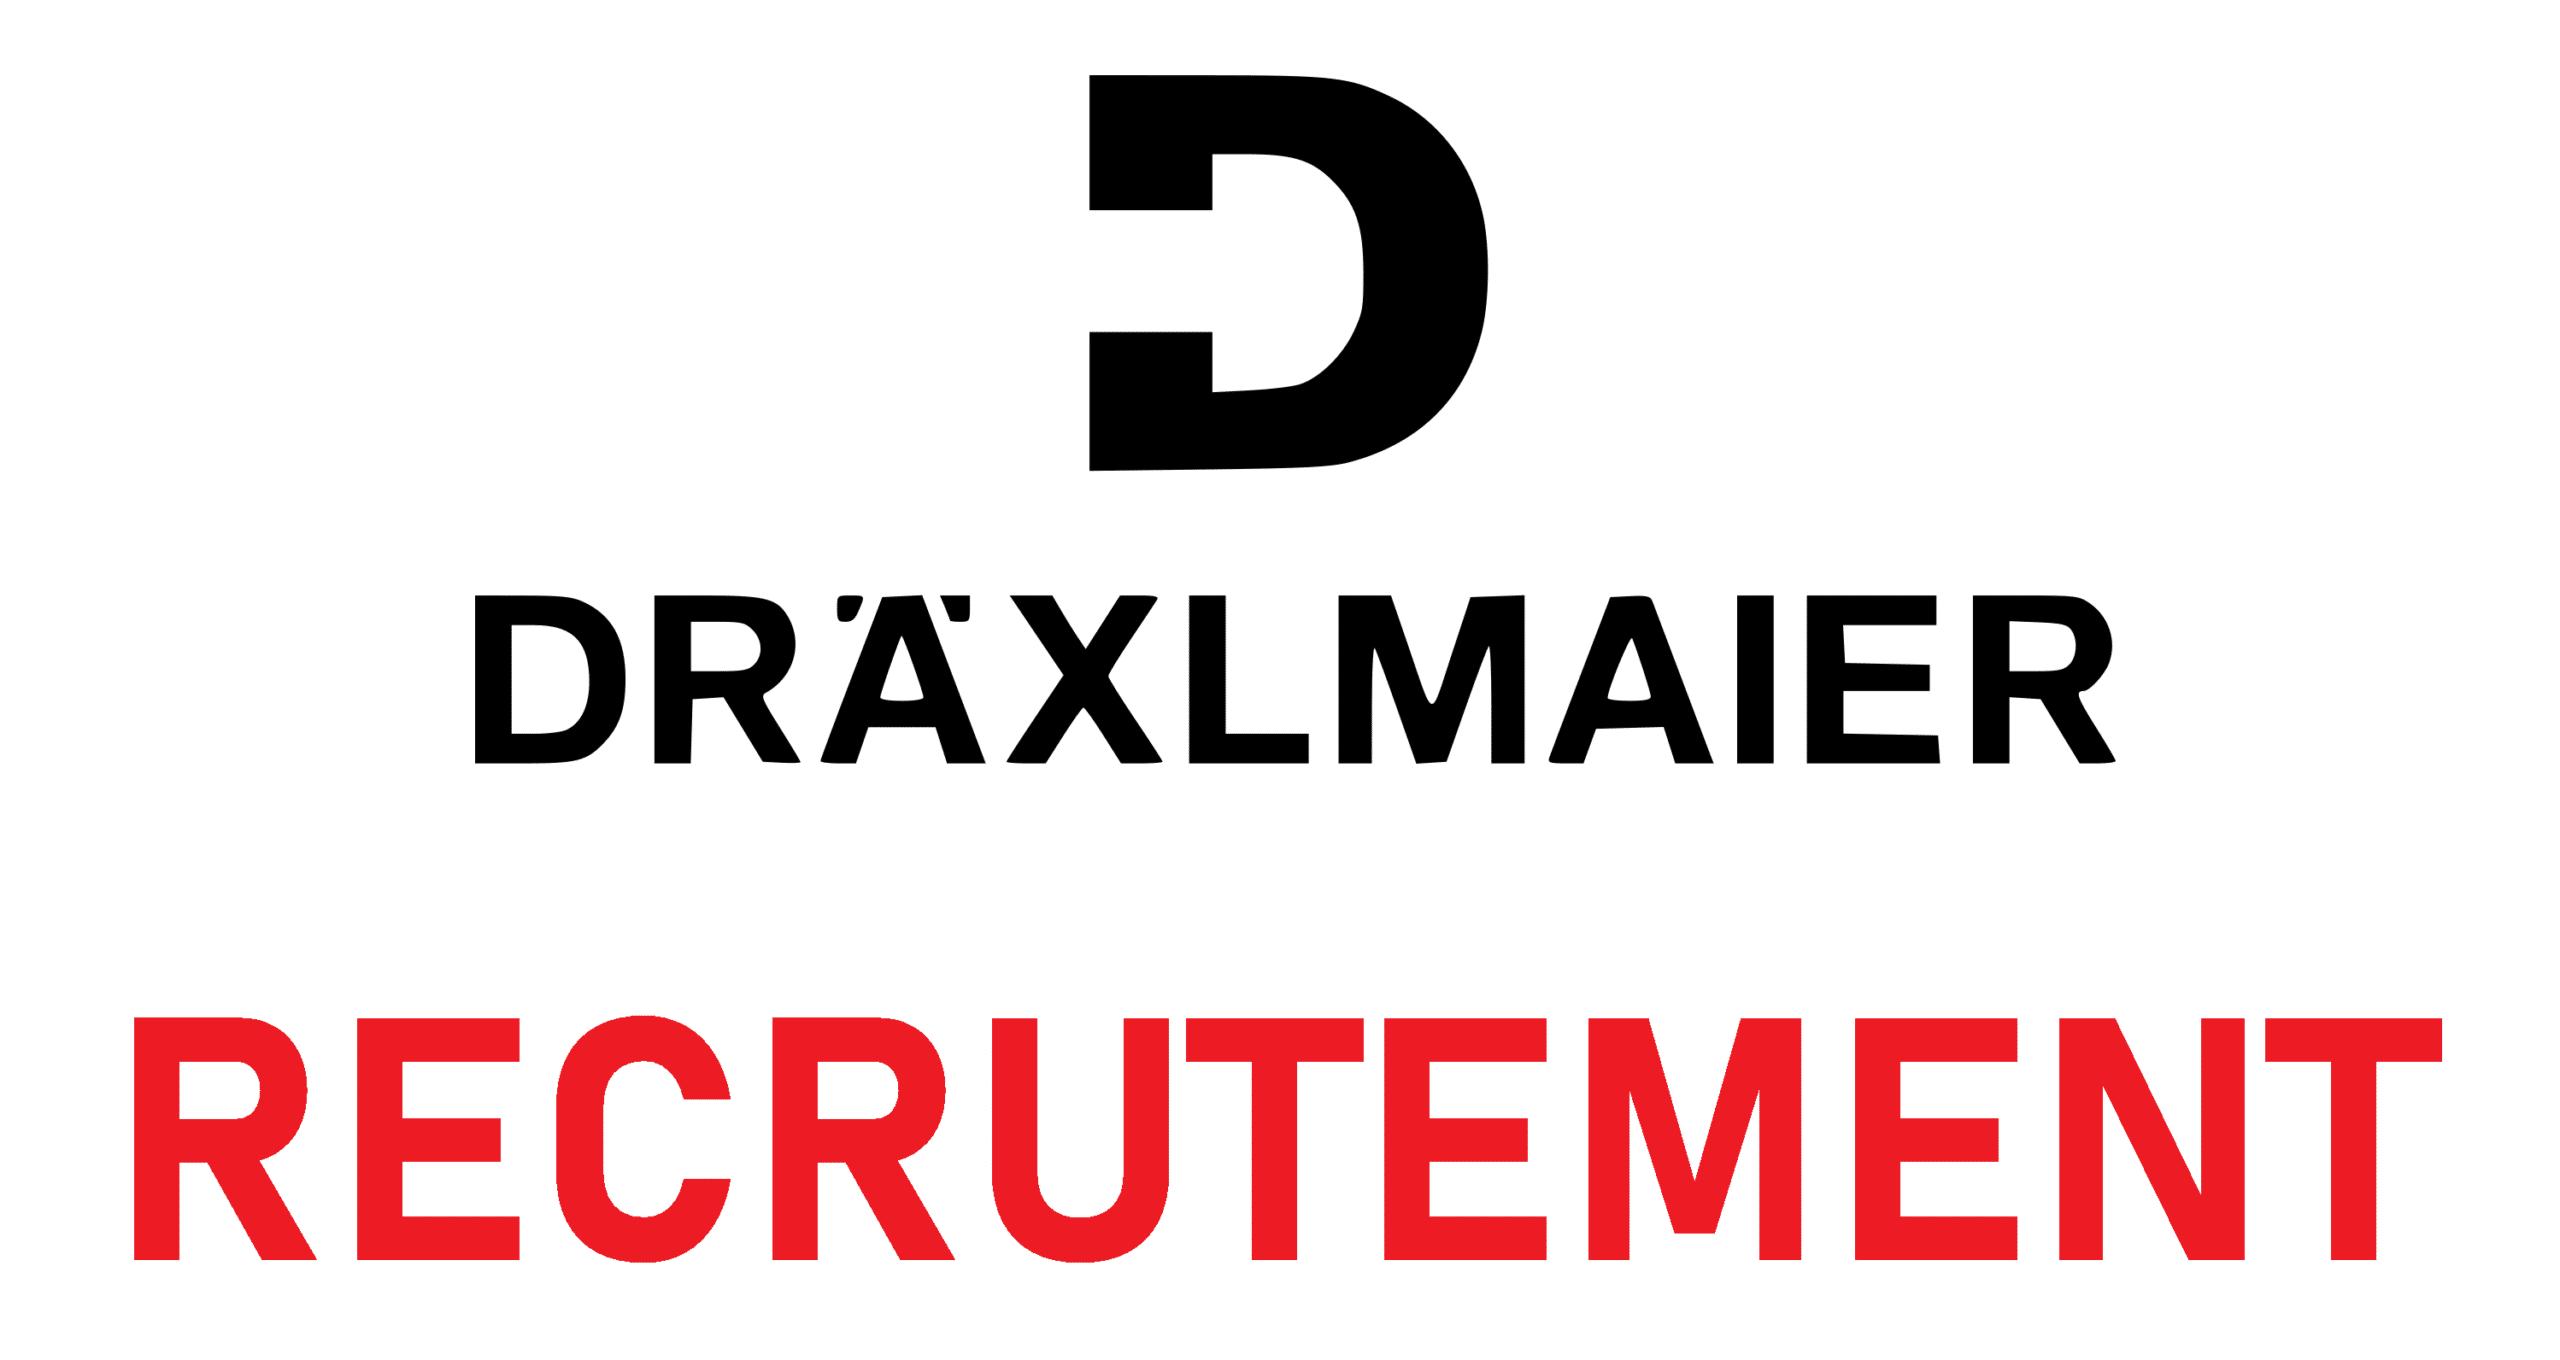 شركة DRÄXLMAIER تونس تنتدب العديد من الإطارات والأعوان في اختصاصات مختلفة